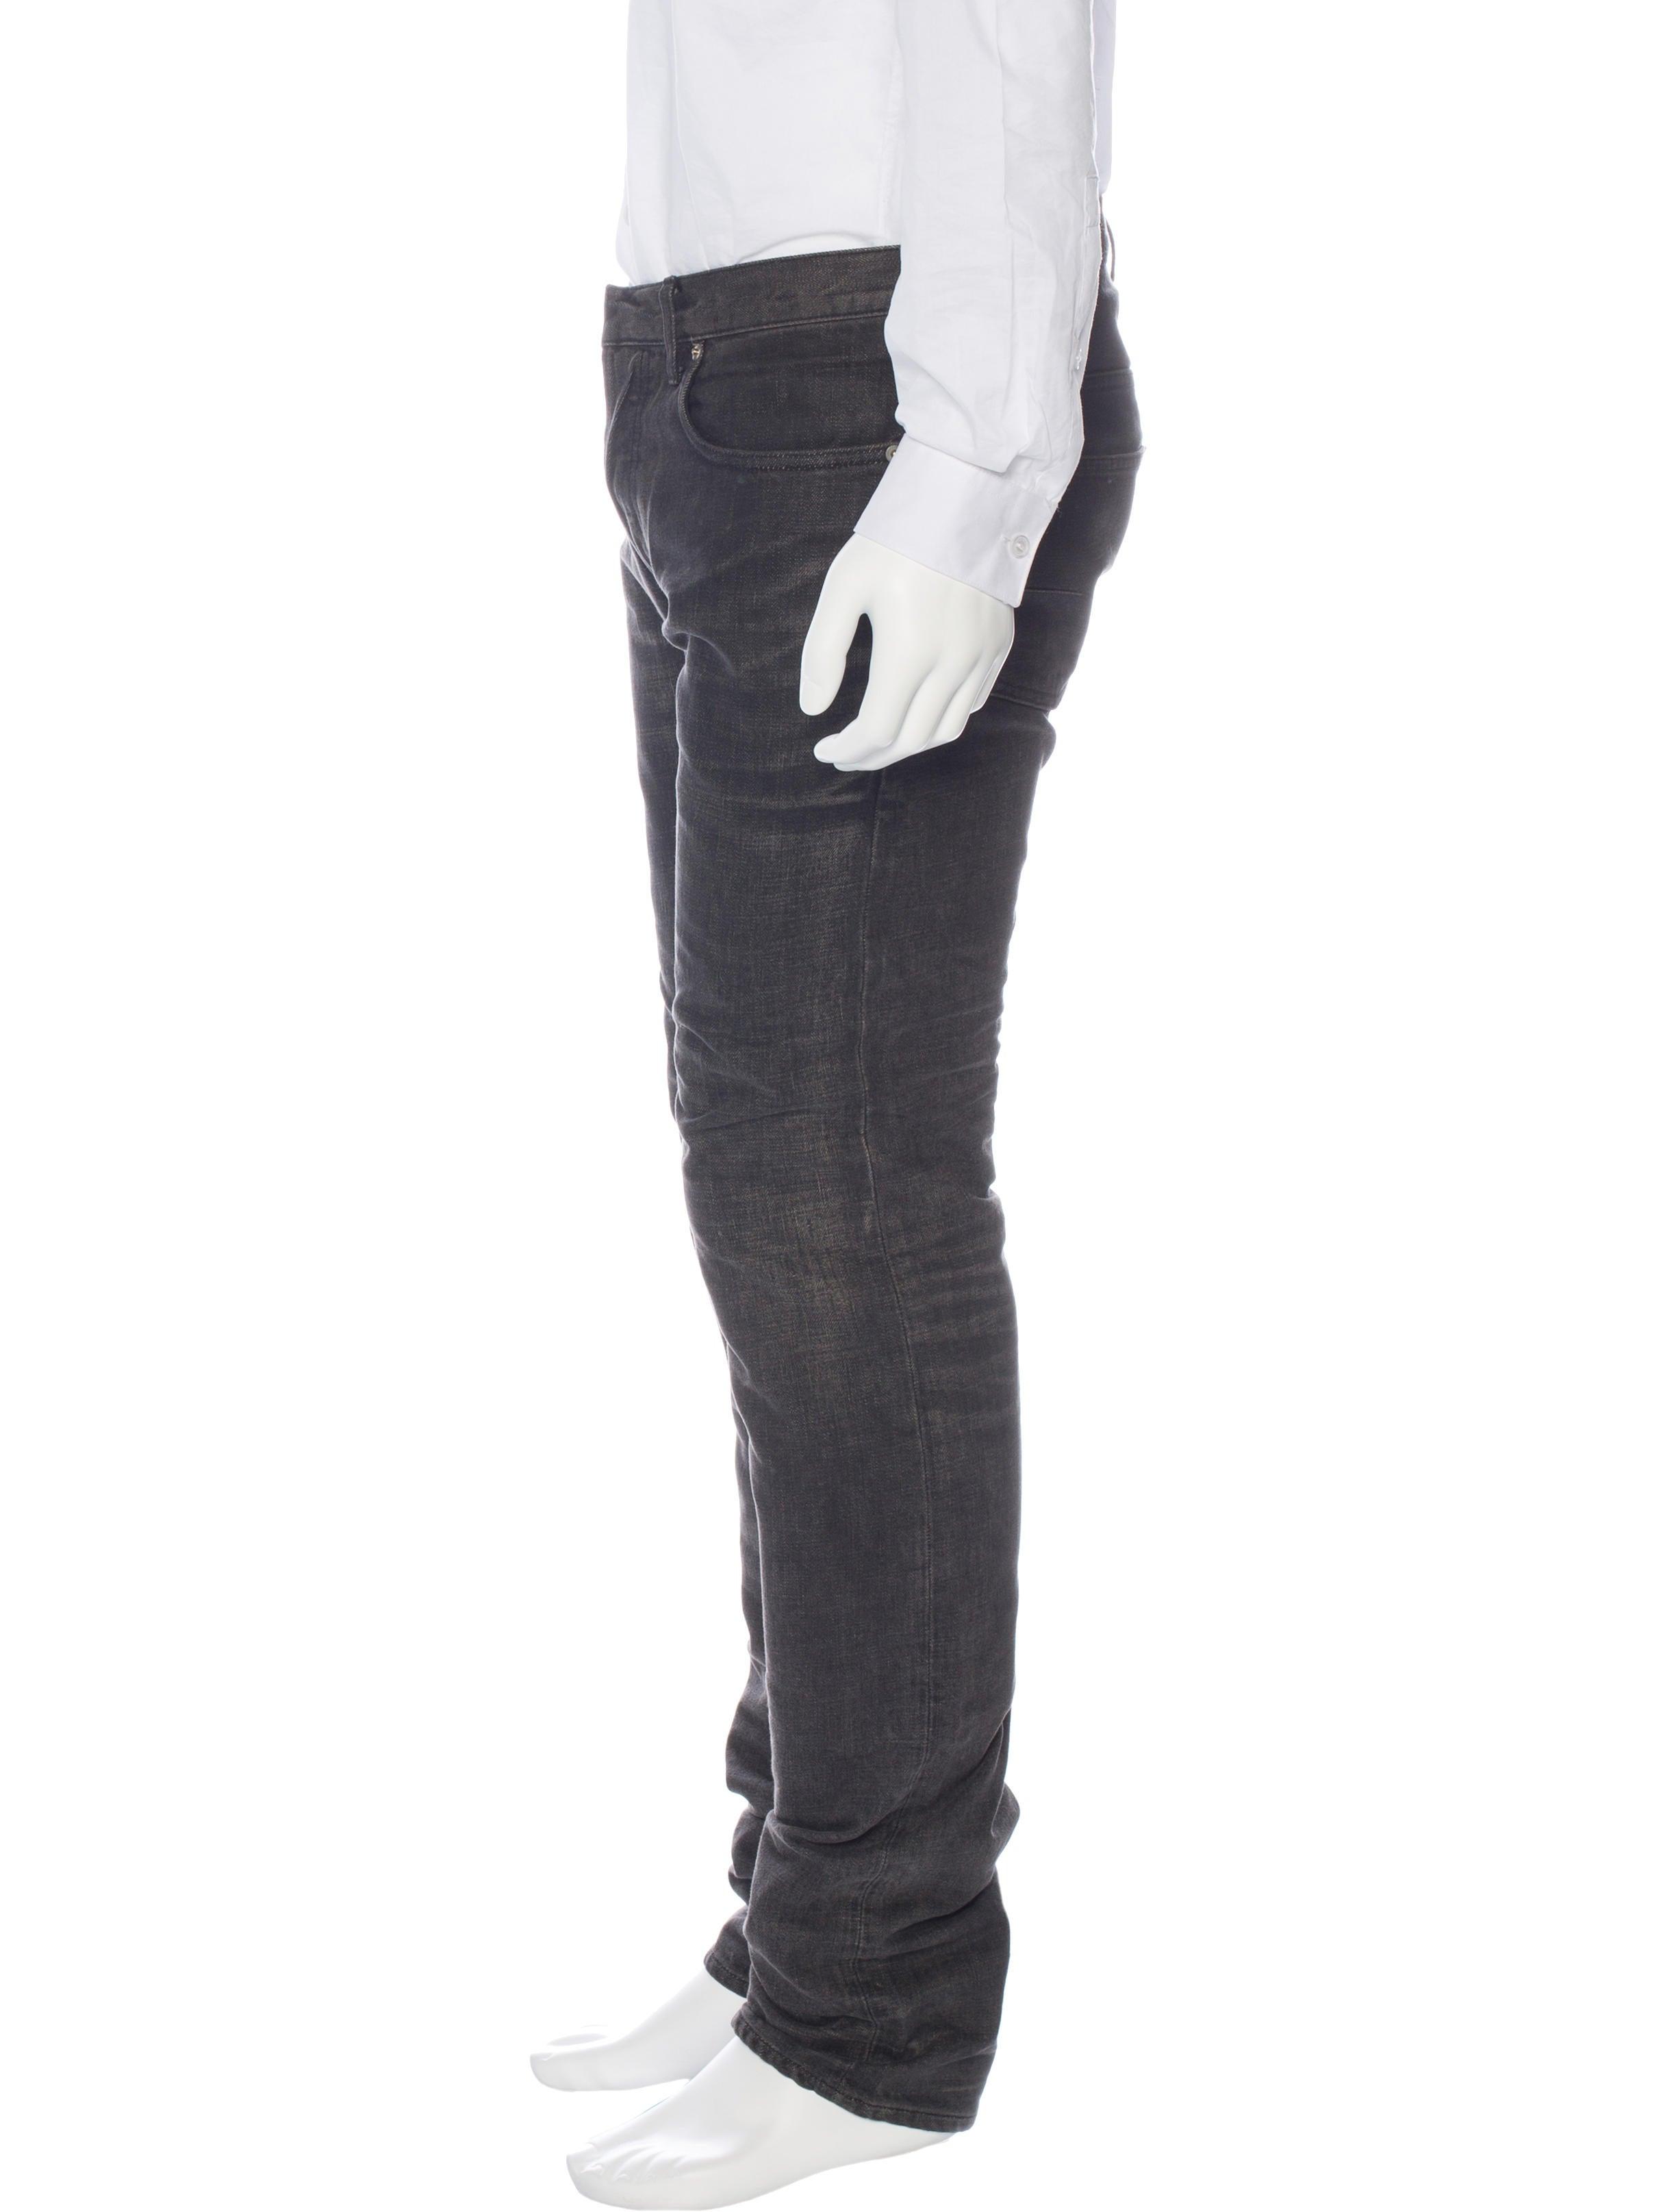 dior homme five pocket skinny jeans clothing hmm23252 the realreal. Black Bedroom Furniture Sets. Home Design Ideas